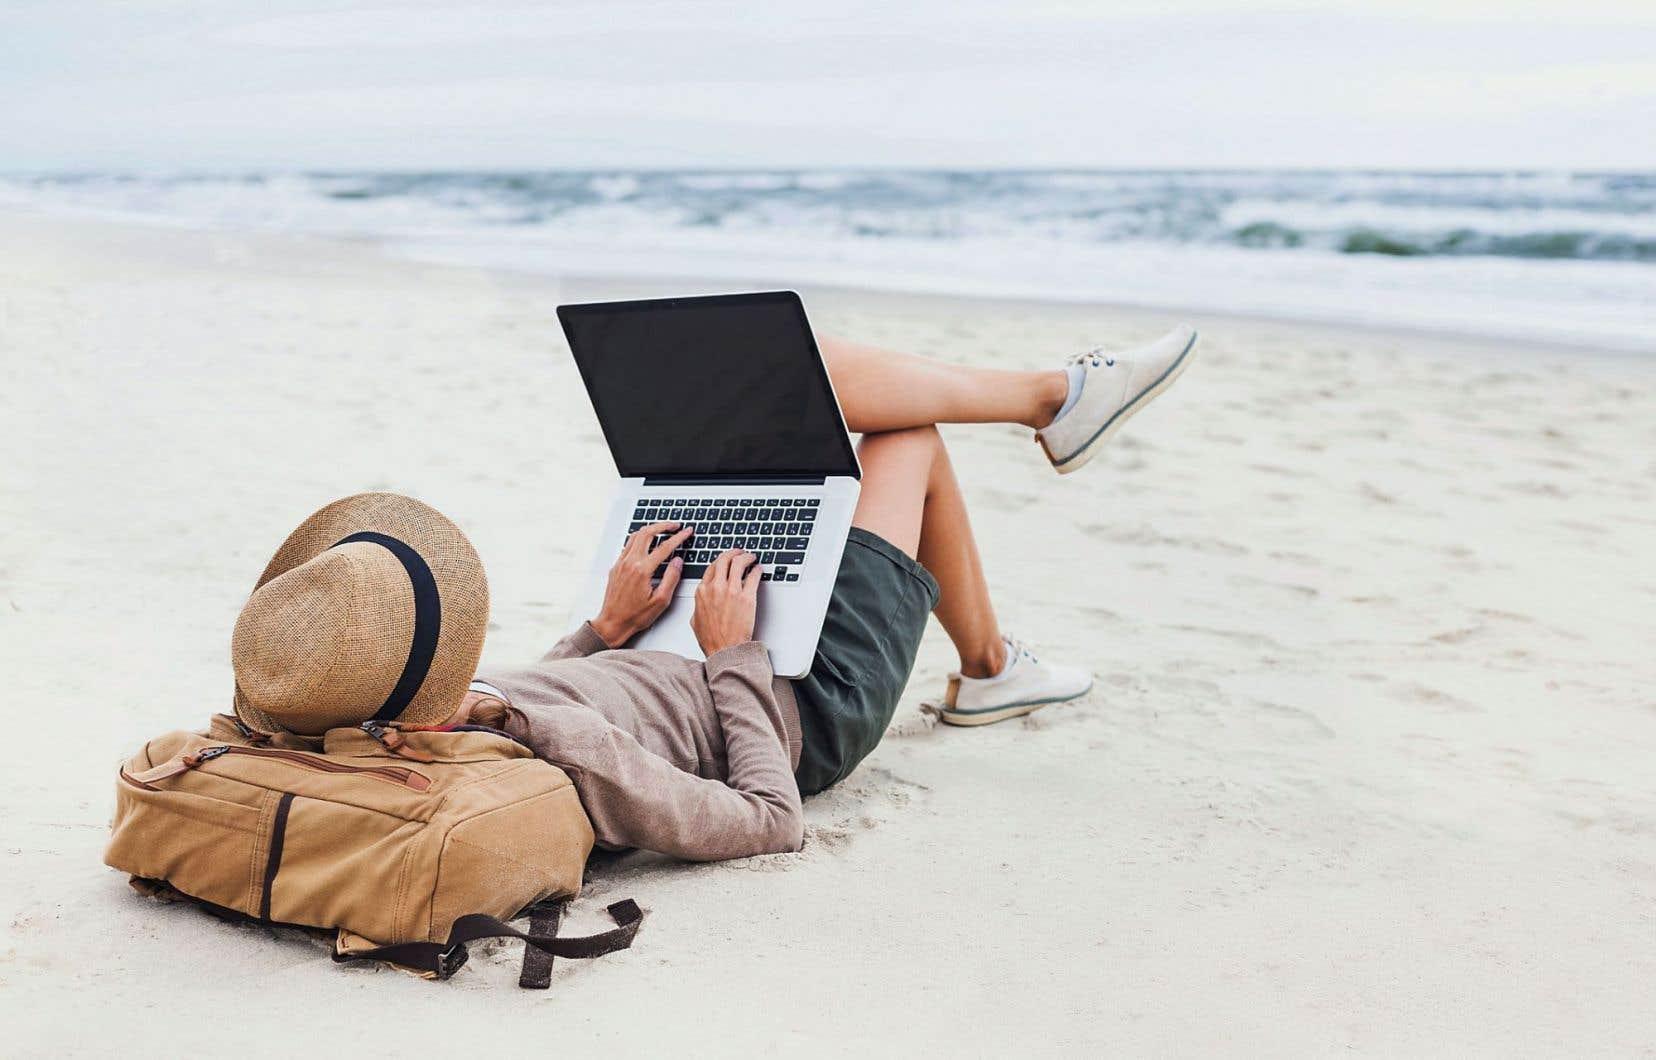 La communauté mondiale des nomades numériques compte d'ailleurs bon nombre de travailleurs des médias — à commencer par les blogueurs.